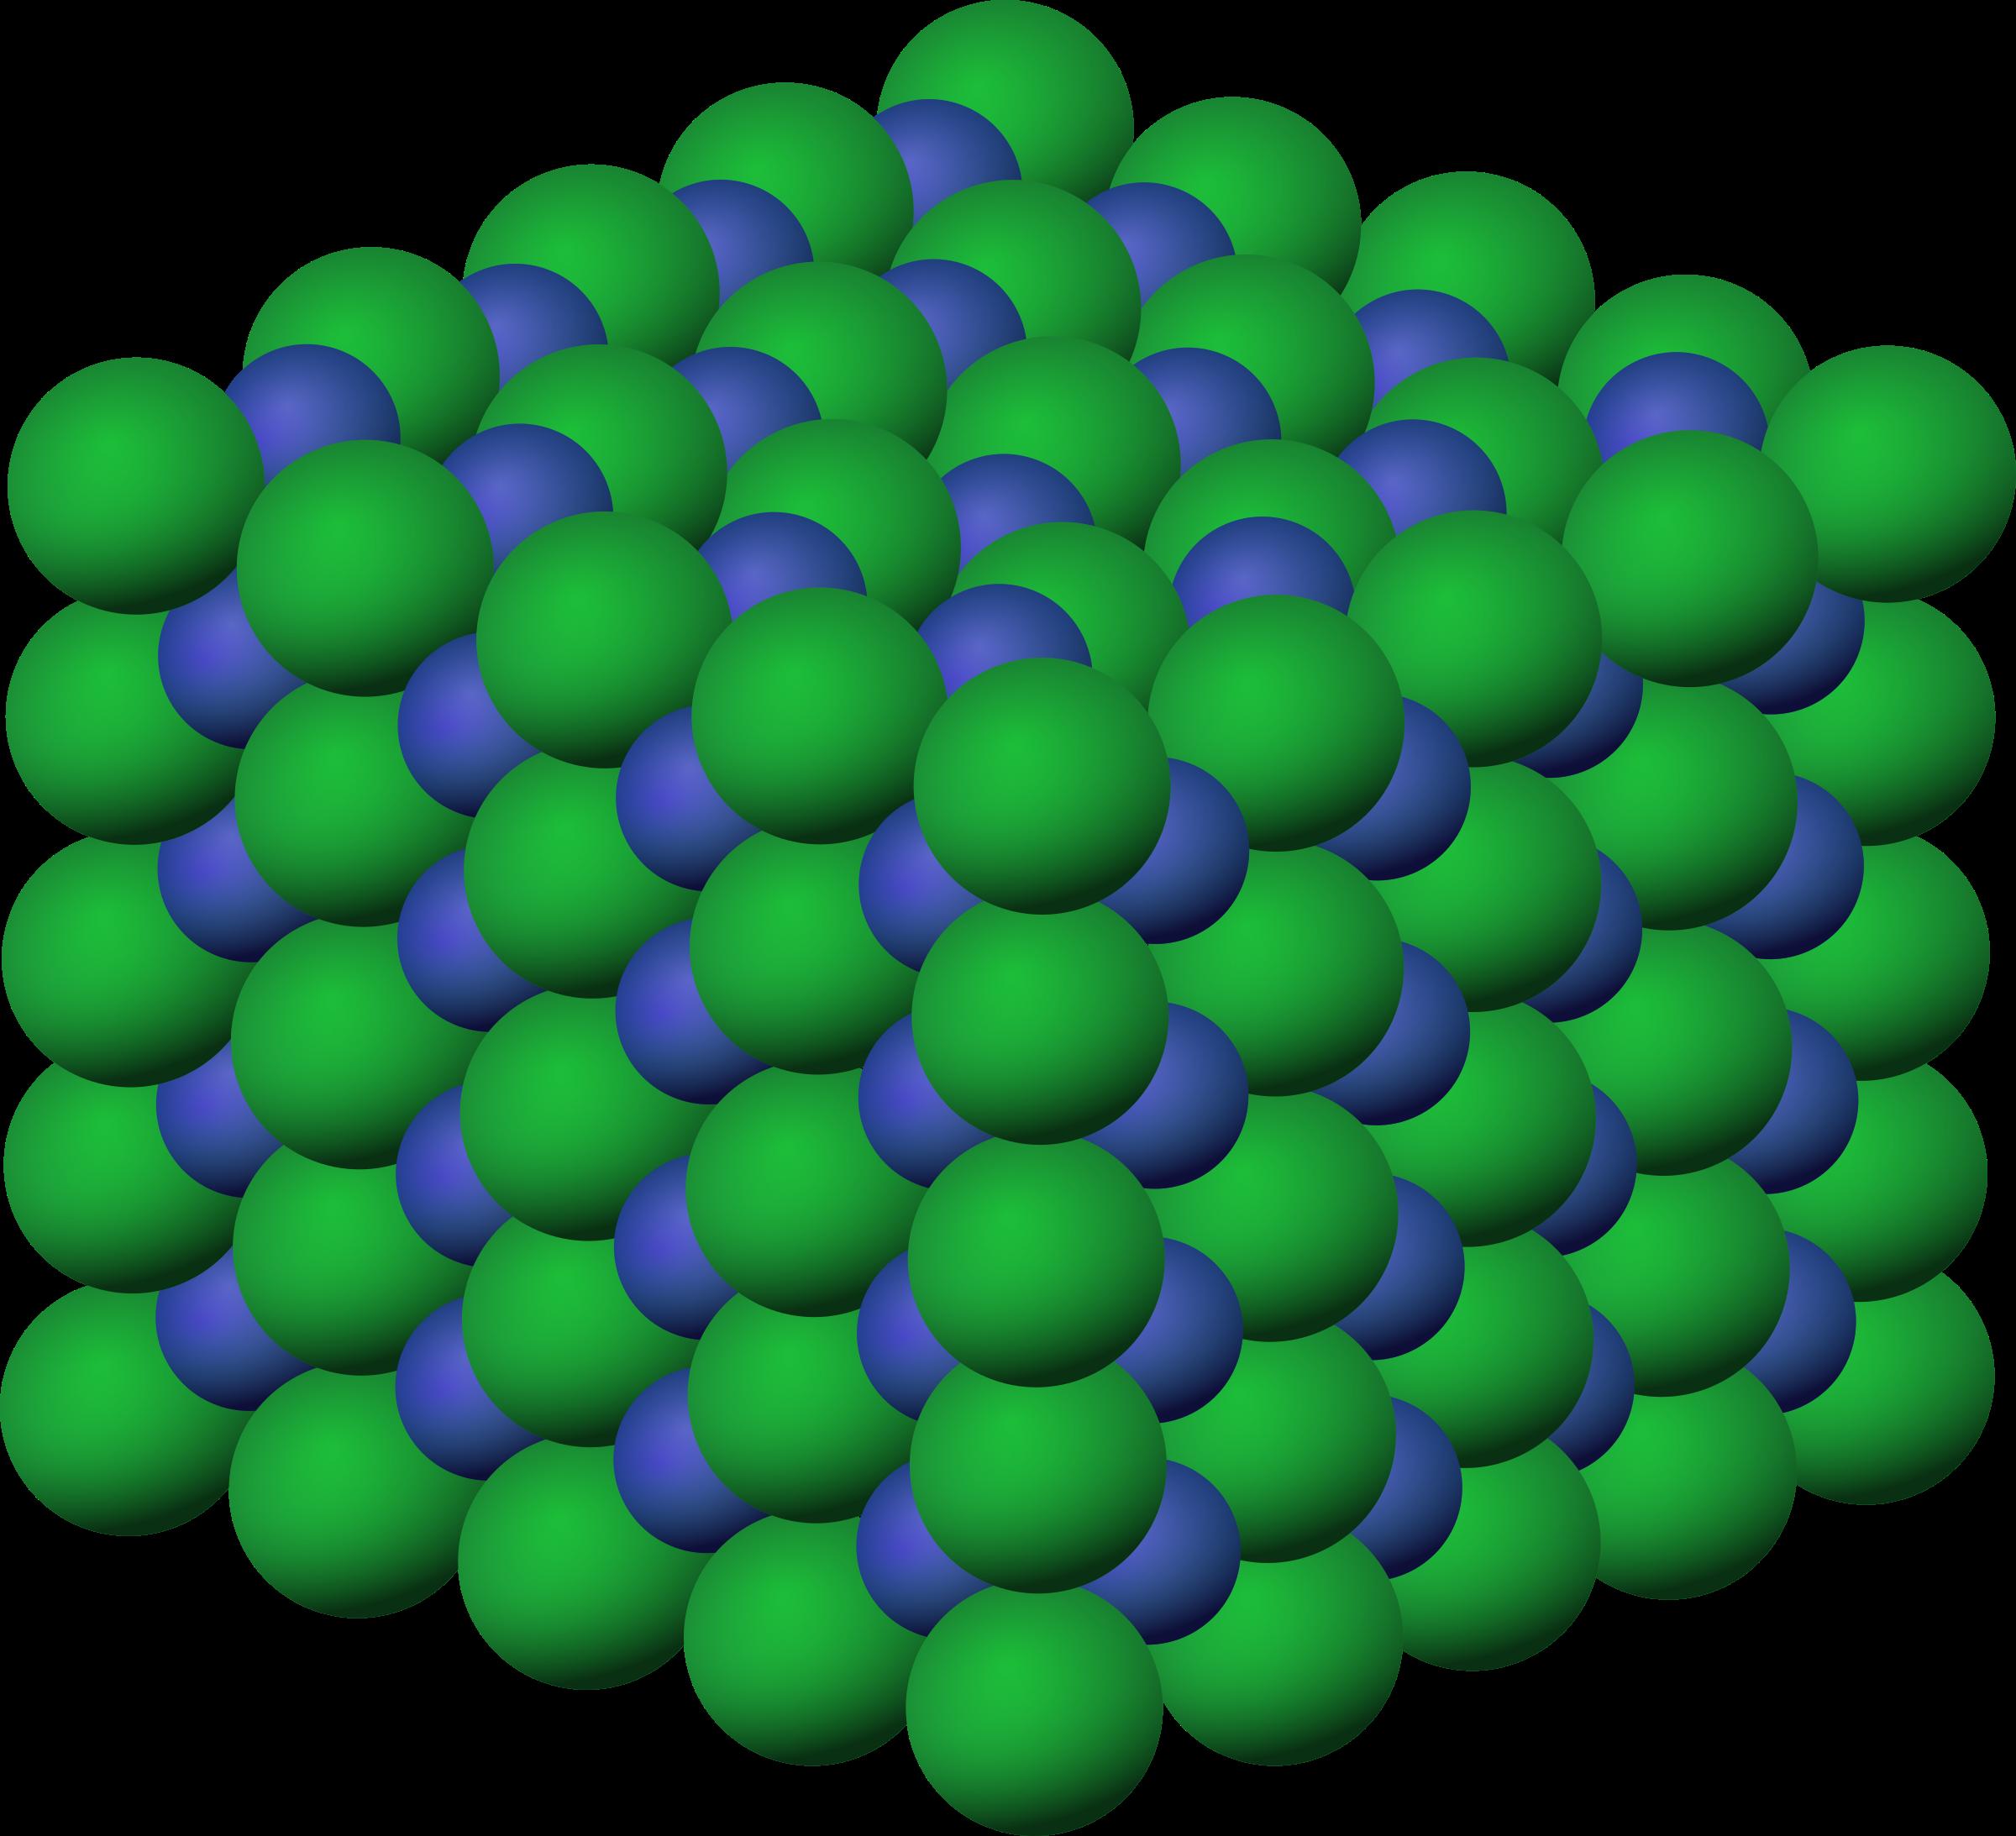 Salt big image png. Crystal clipart green crystal